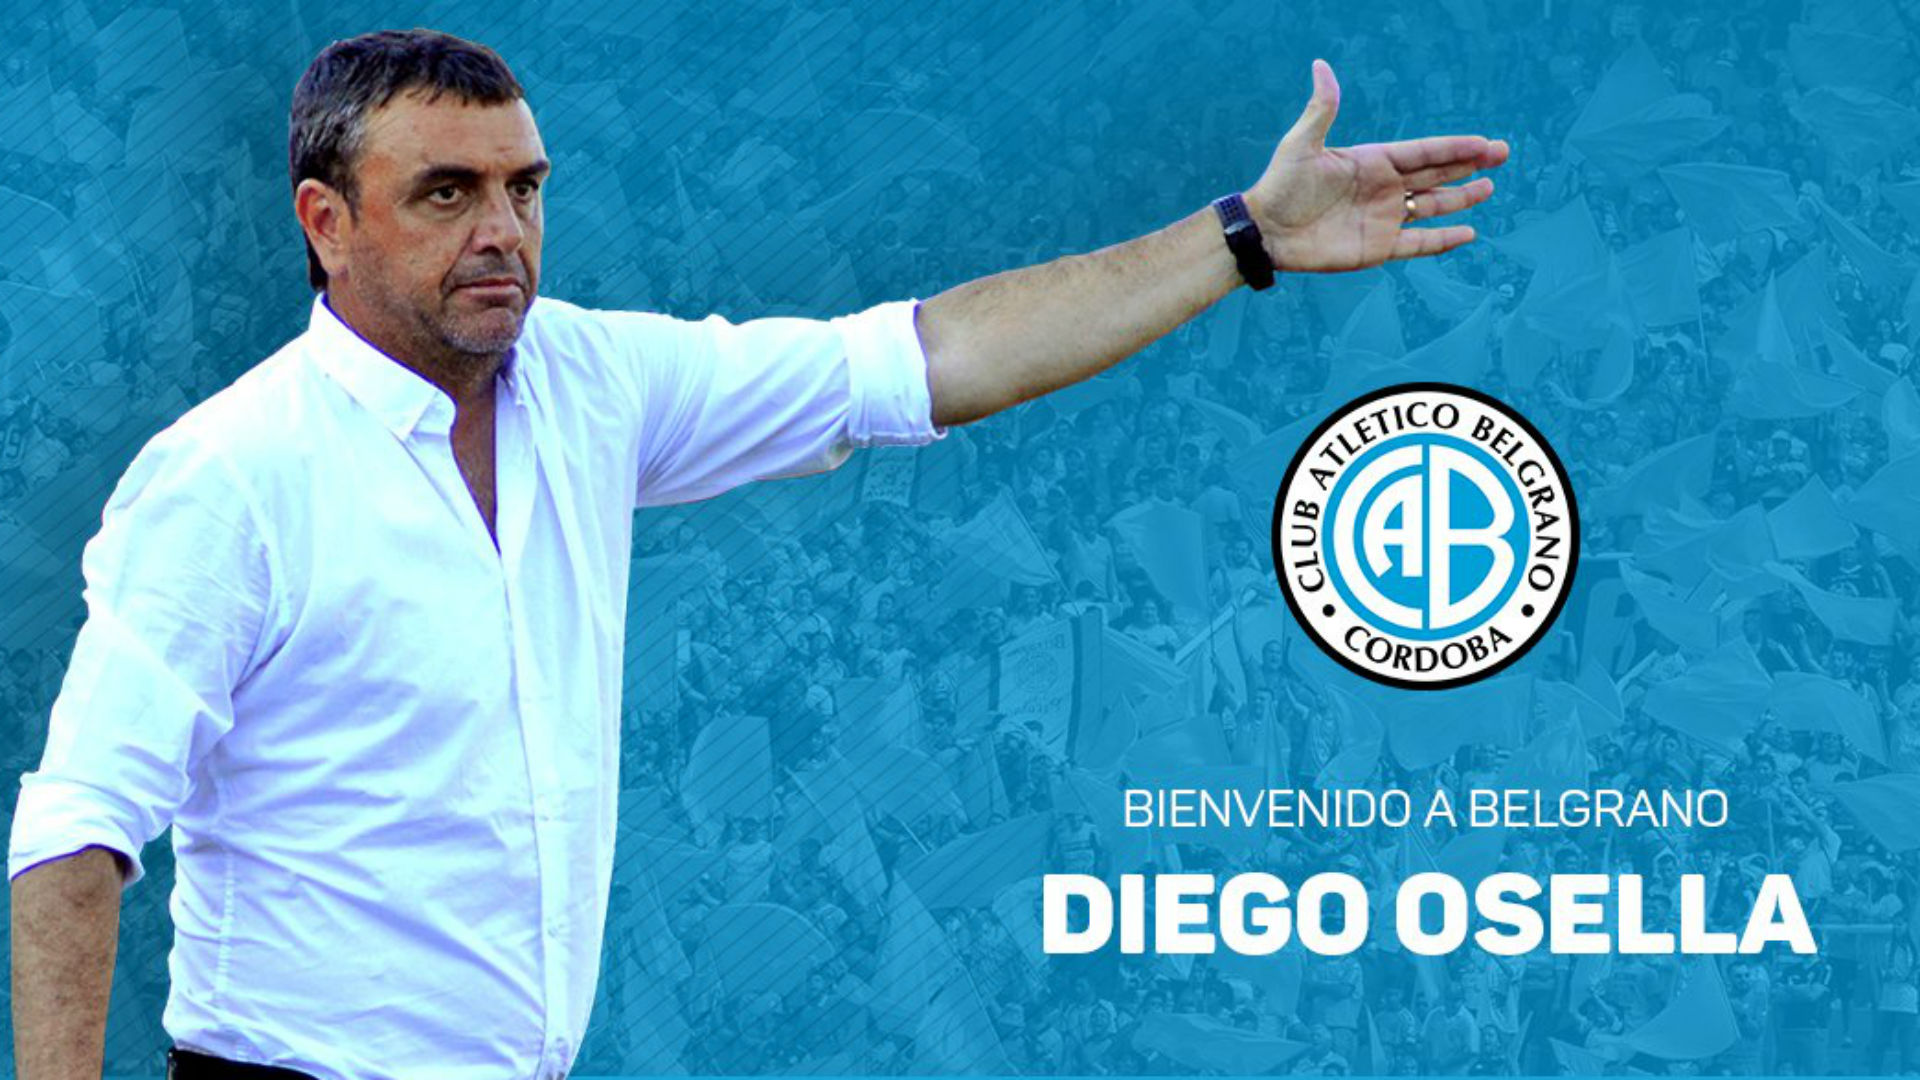 Diego Osella Belgrano 2018